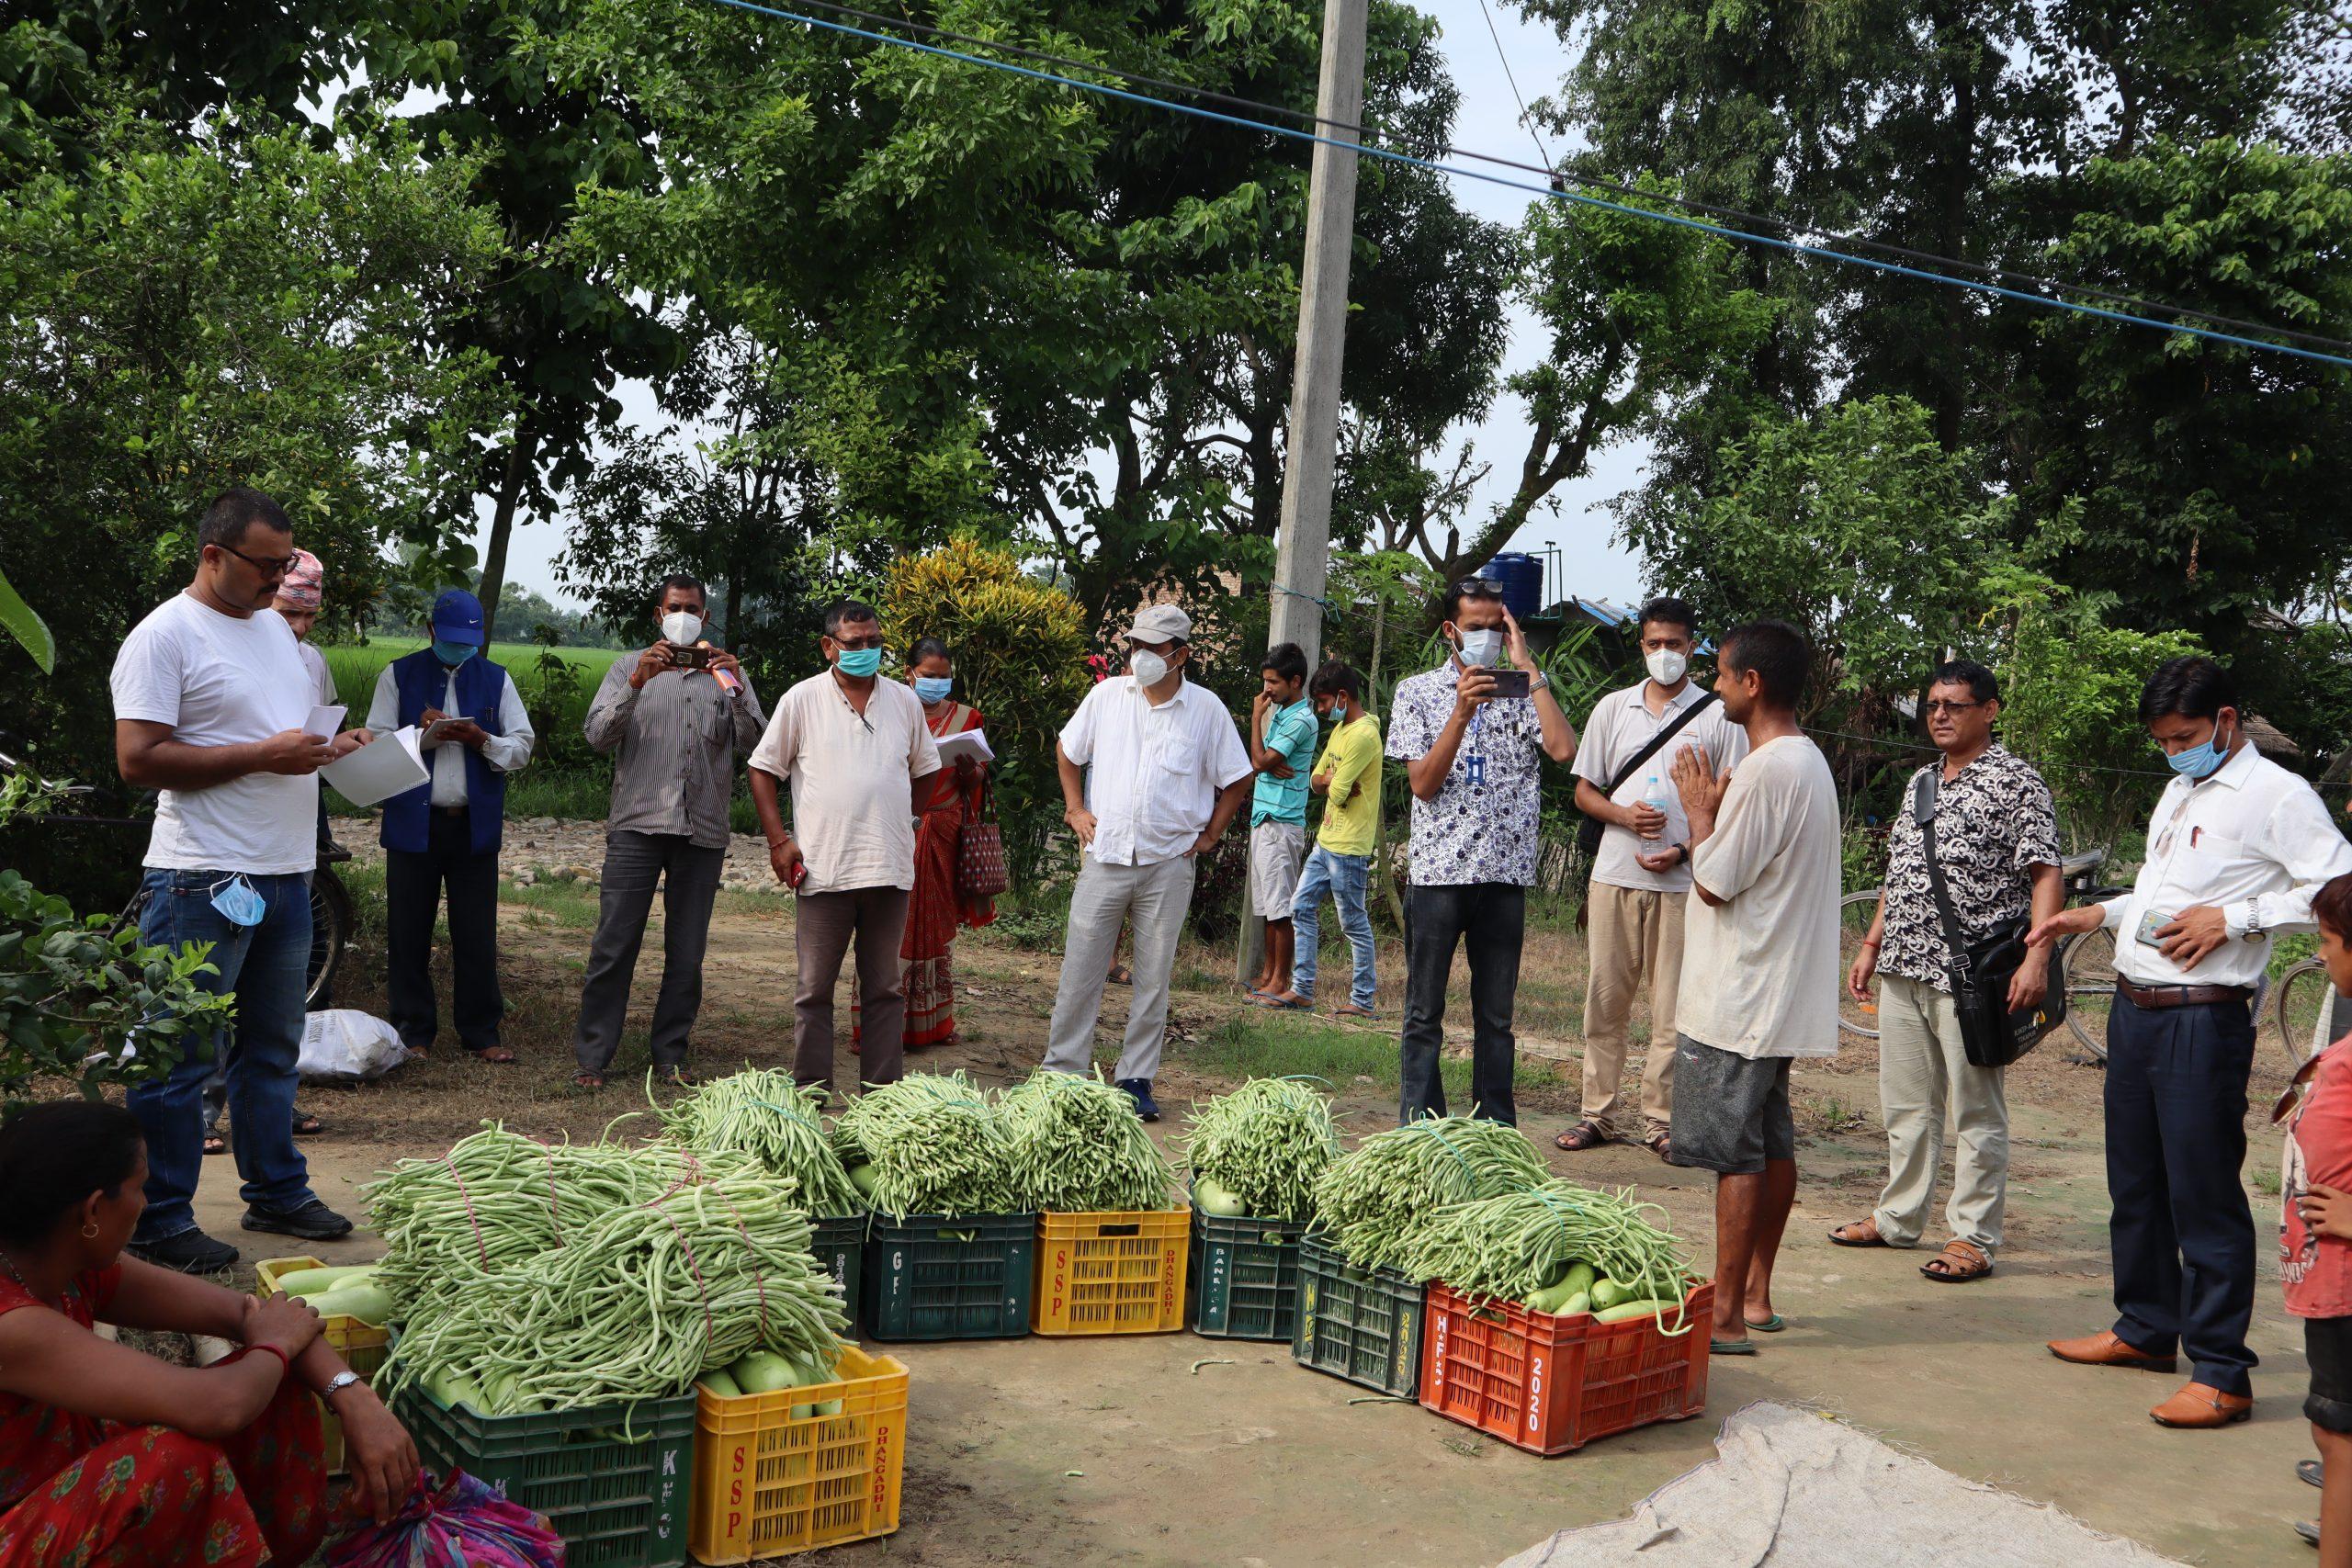 कृषि अनुदान सहयोग छनौट समिति र पत्रकारहरुद्धारा संचालित कृयाकलापको संयुक्त अनुगमन